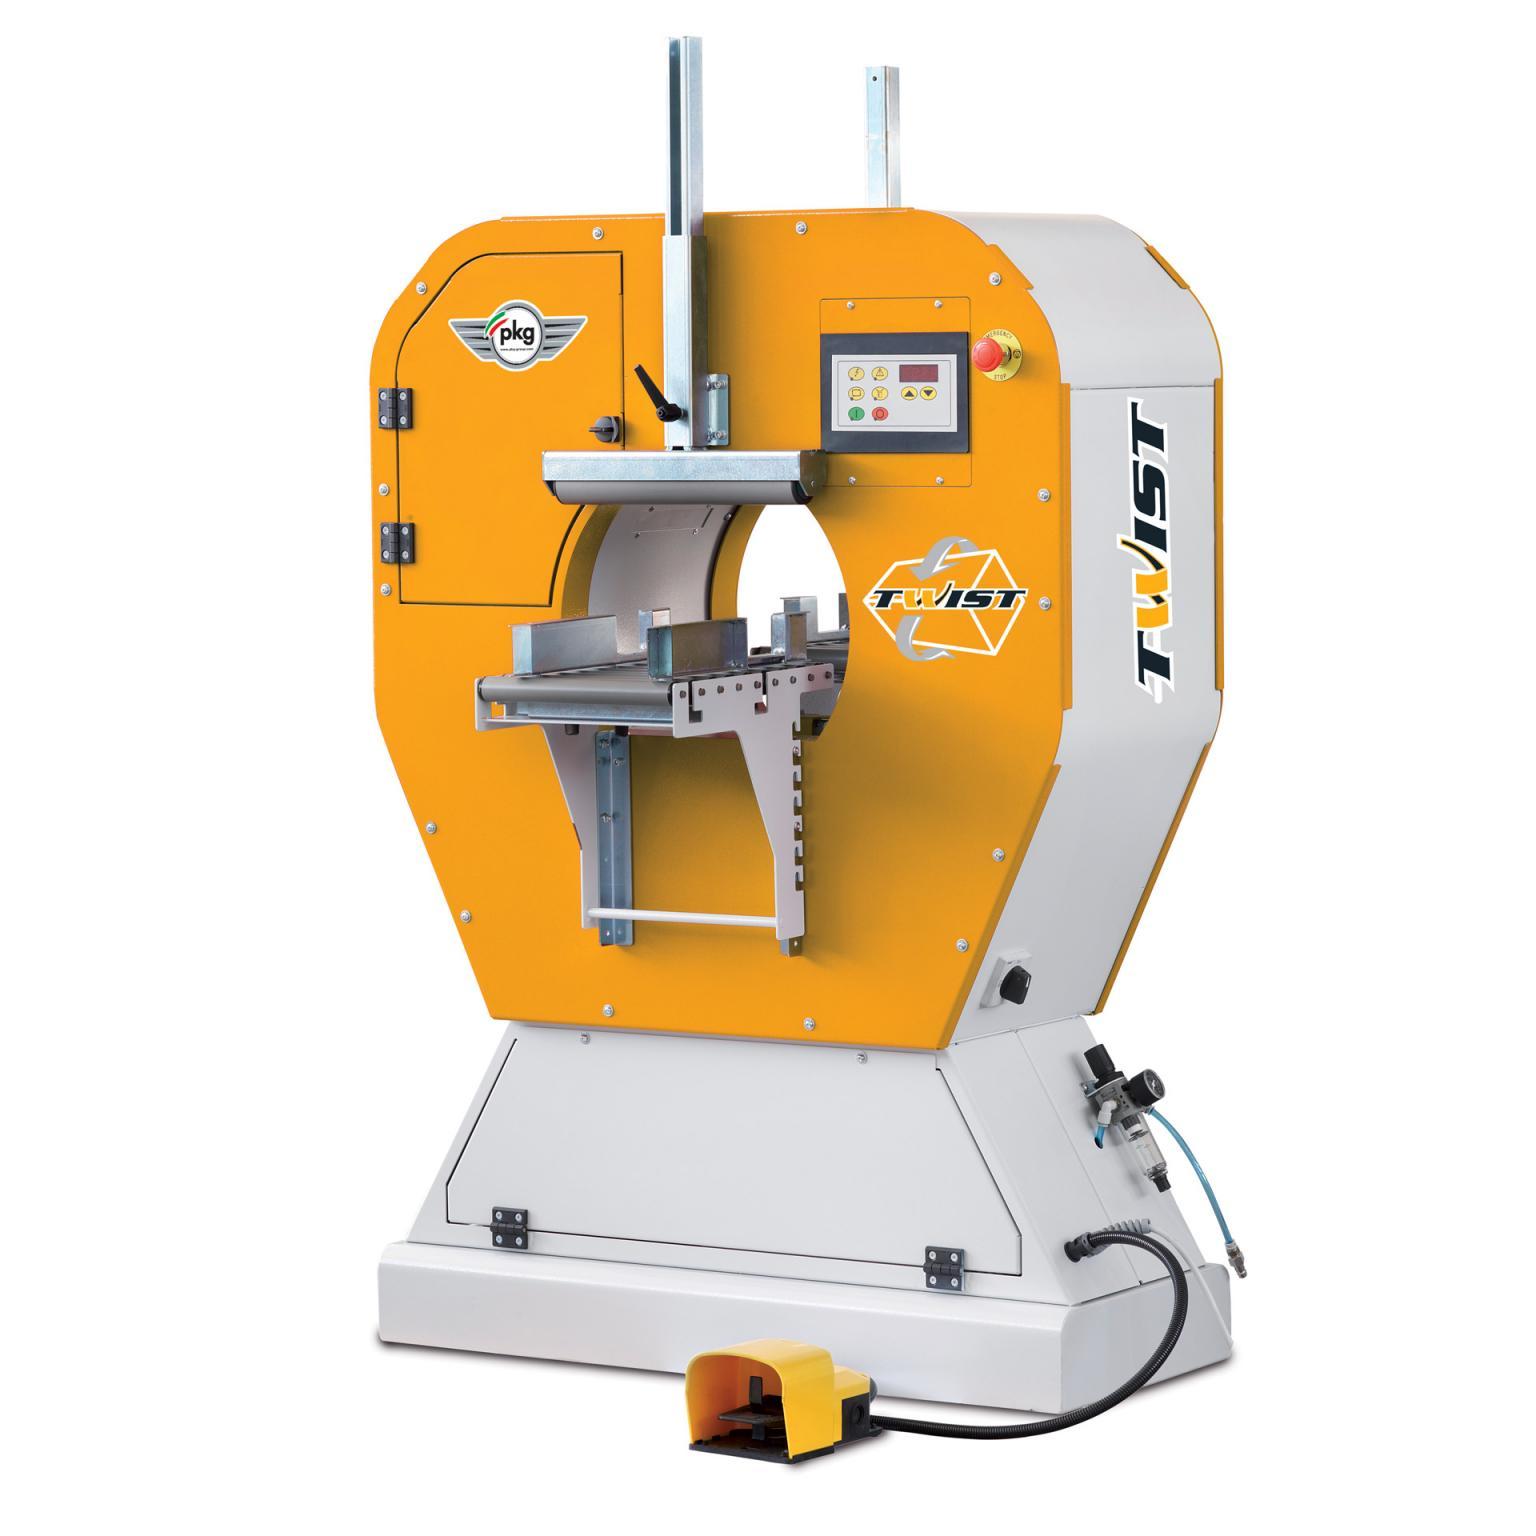 Menor makina dikey streç sarma makinesi